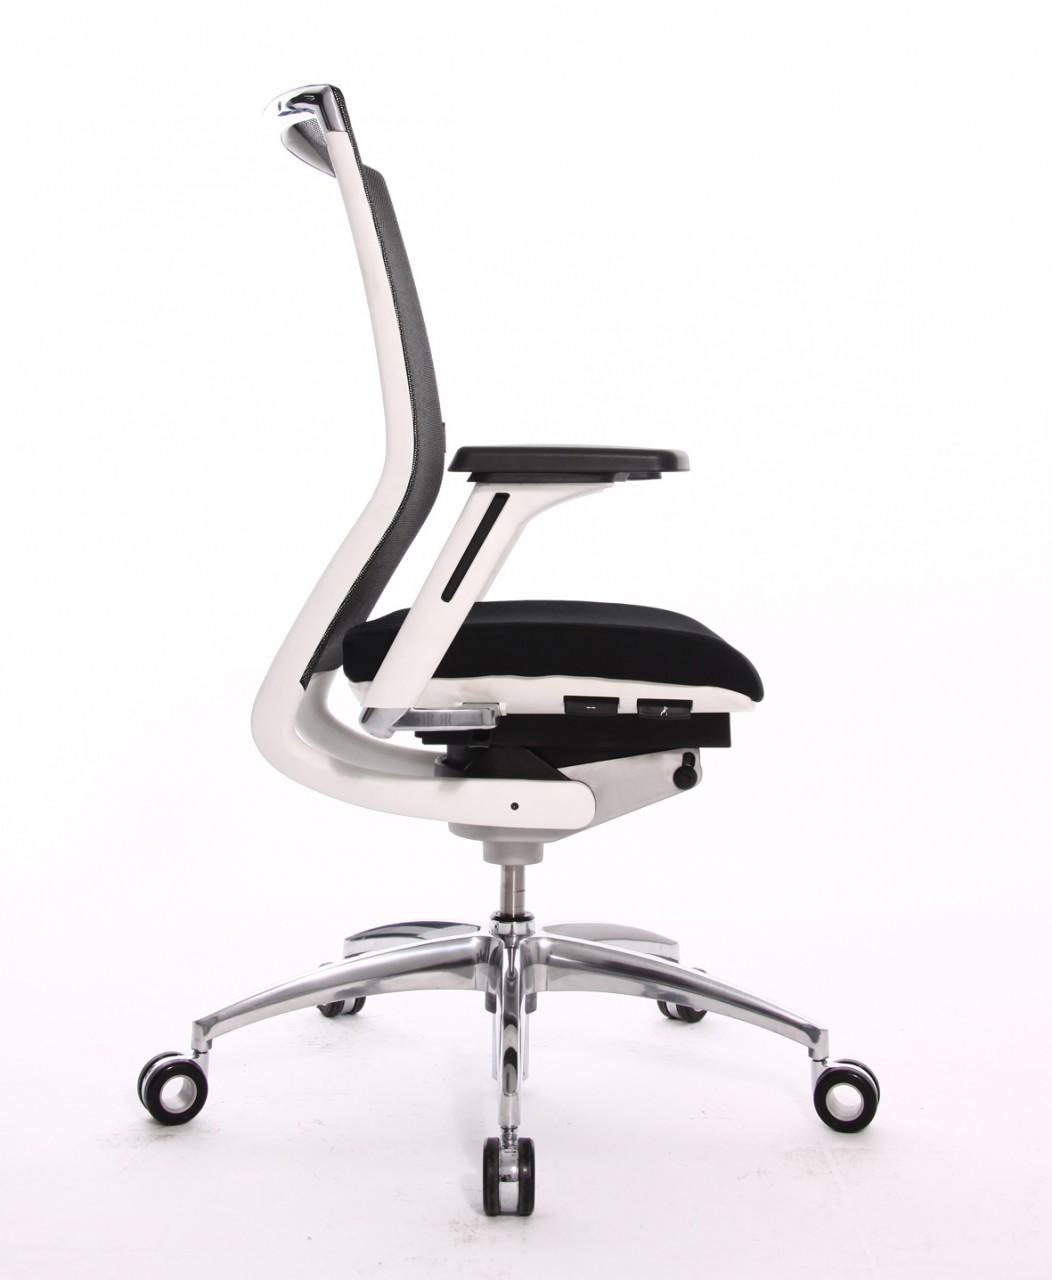 Fauteuil de bureau haut de gamme titan 10 achat si ges ergonomiques 859 00 for Mobilier de bureau haut de gamme